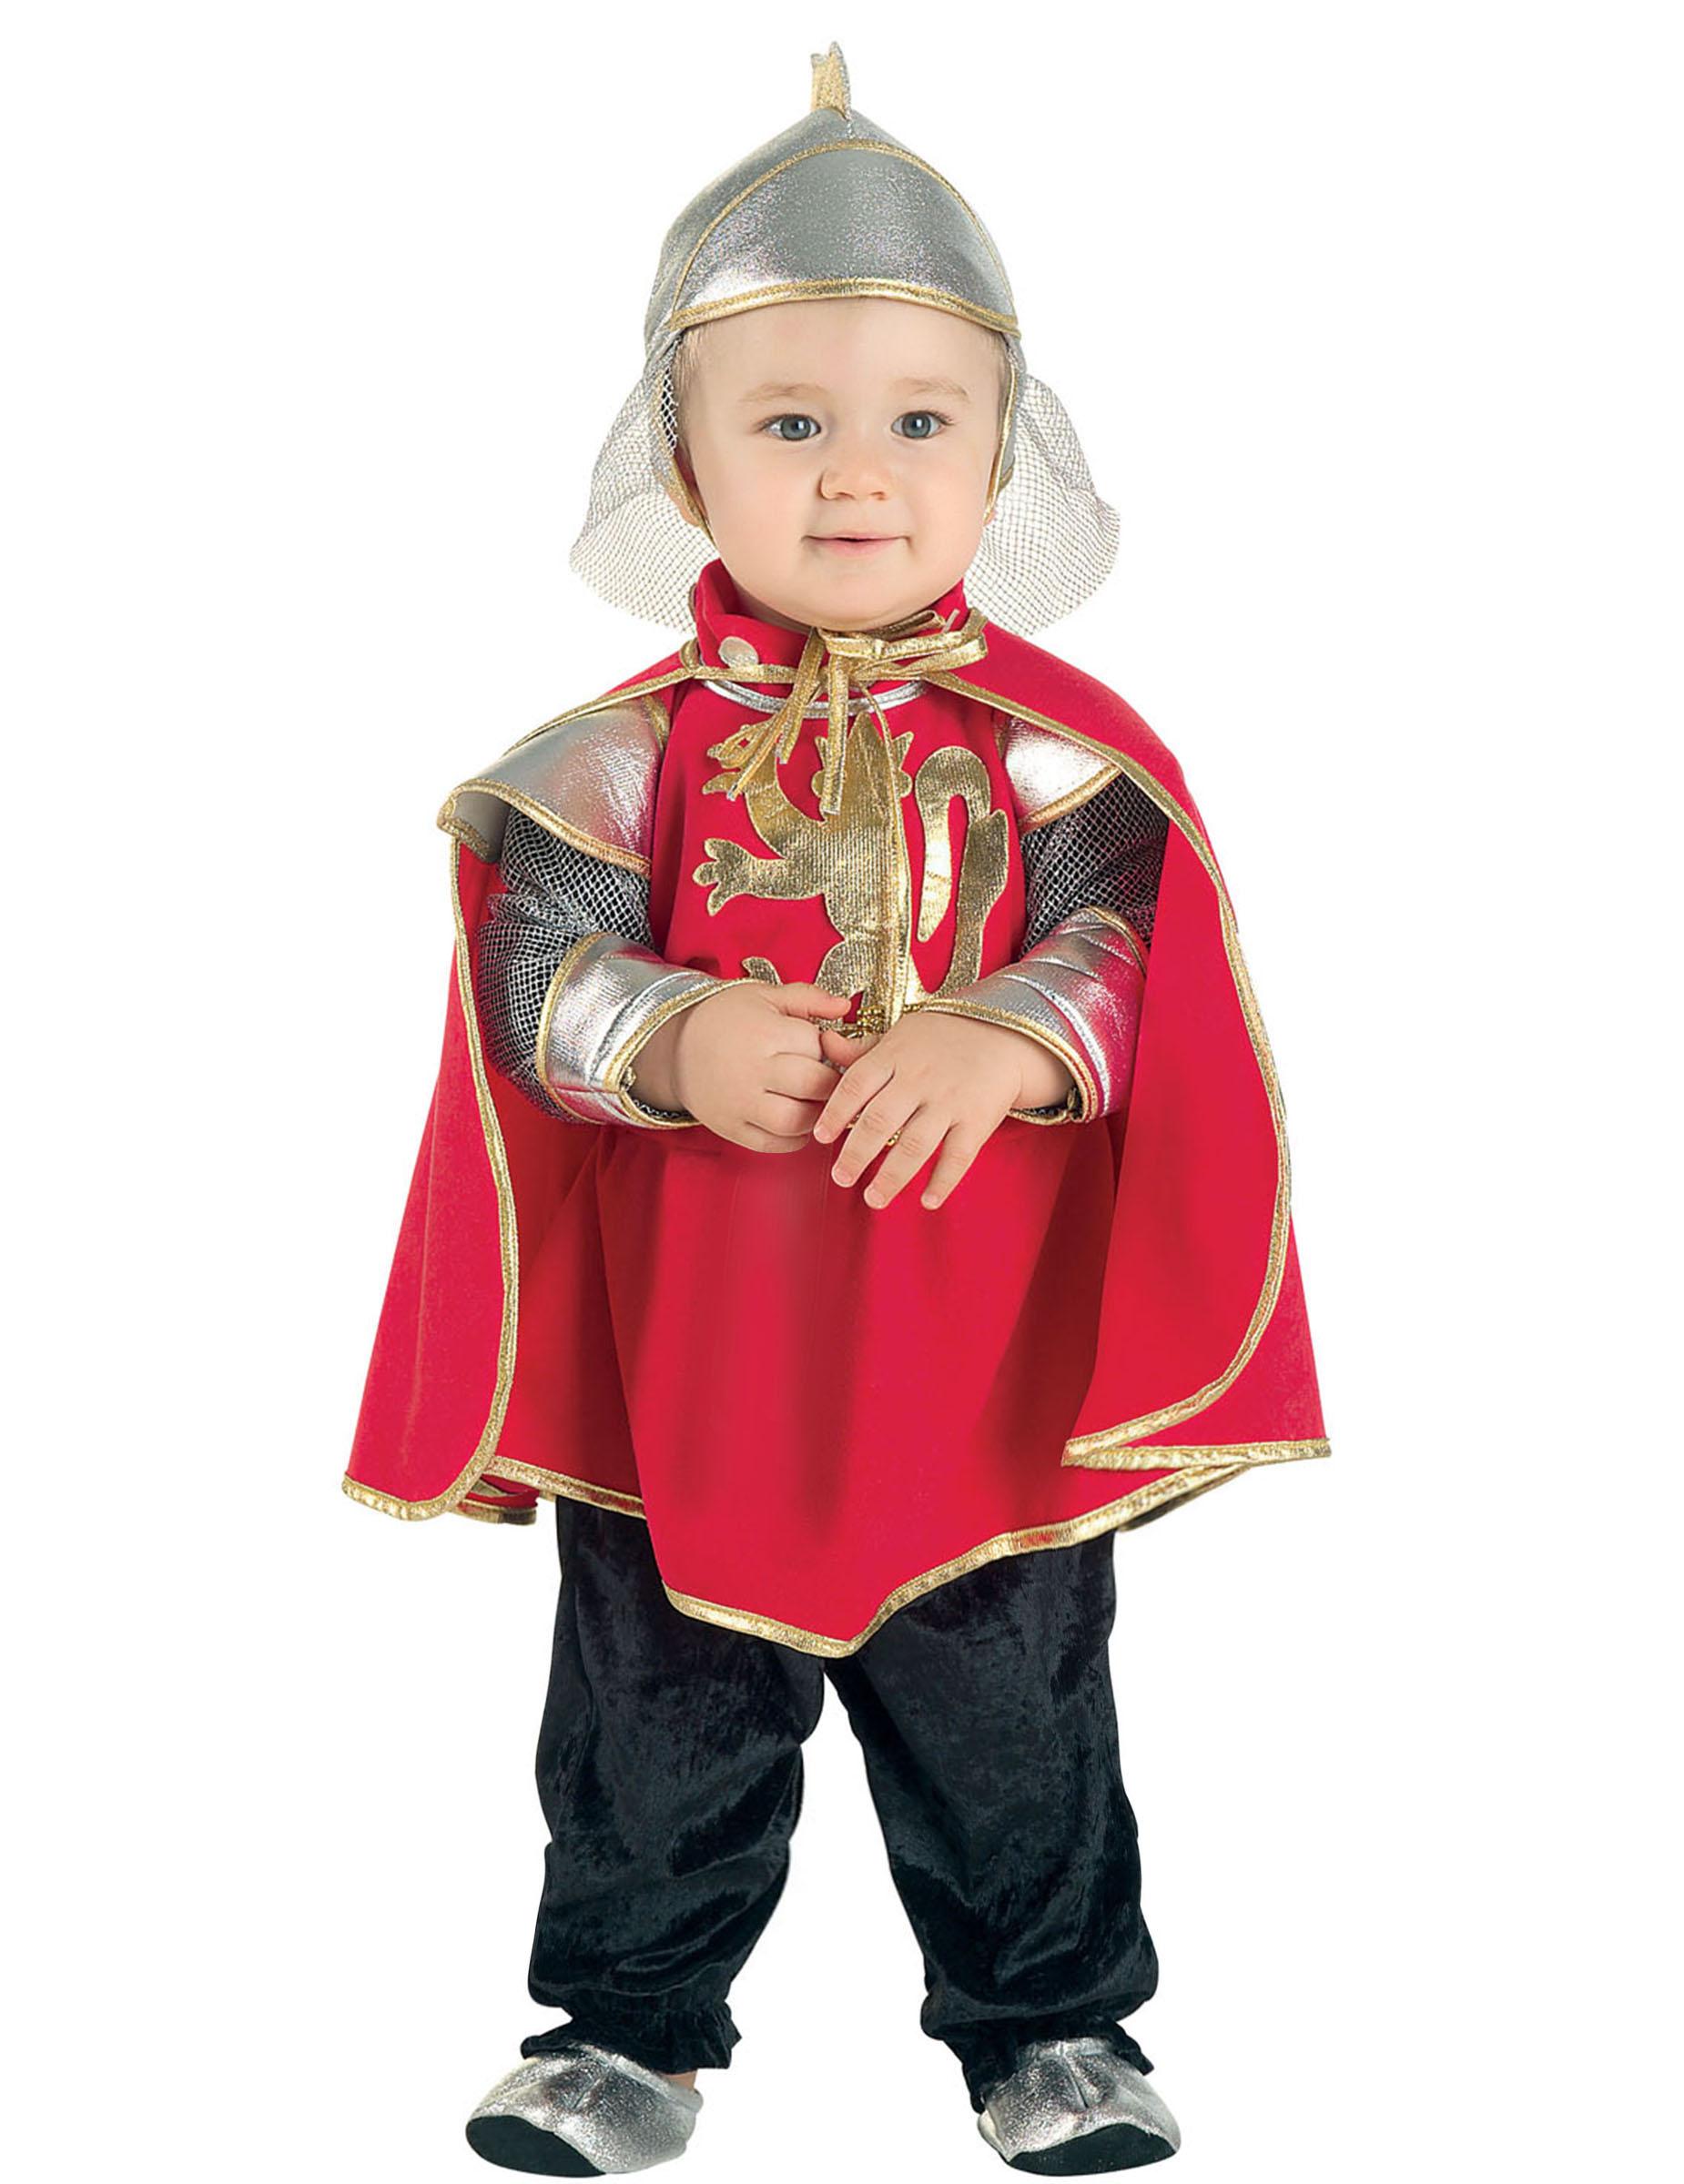 Costume da cavaliere medievale per neonato costumi - Costumi da bagno neonato disney ...